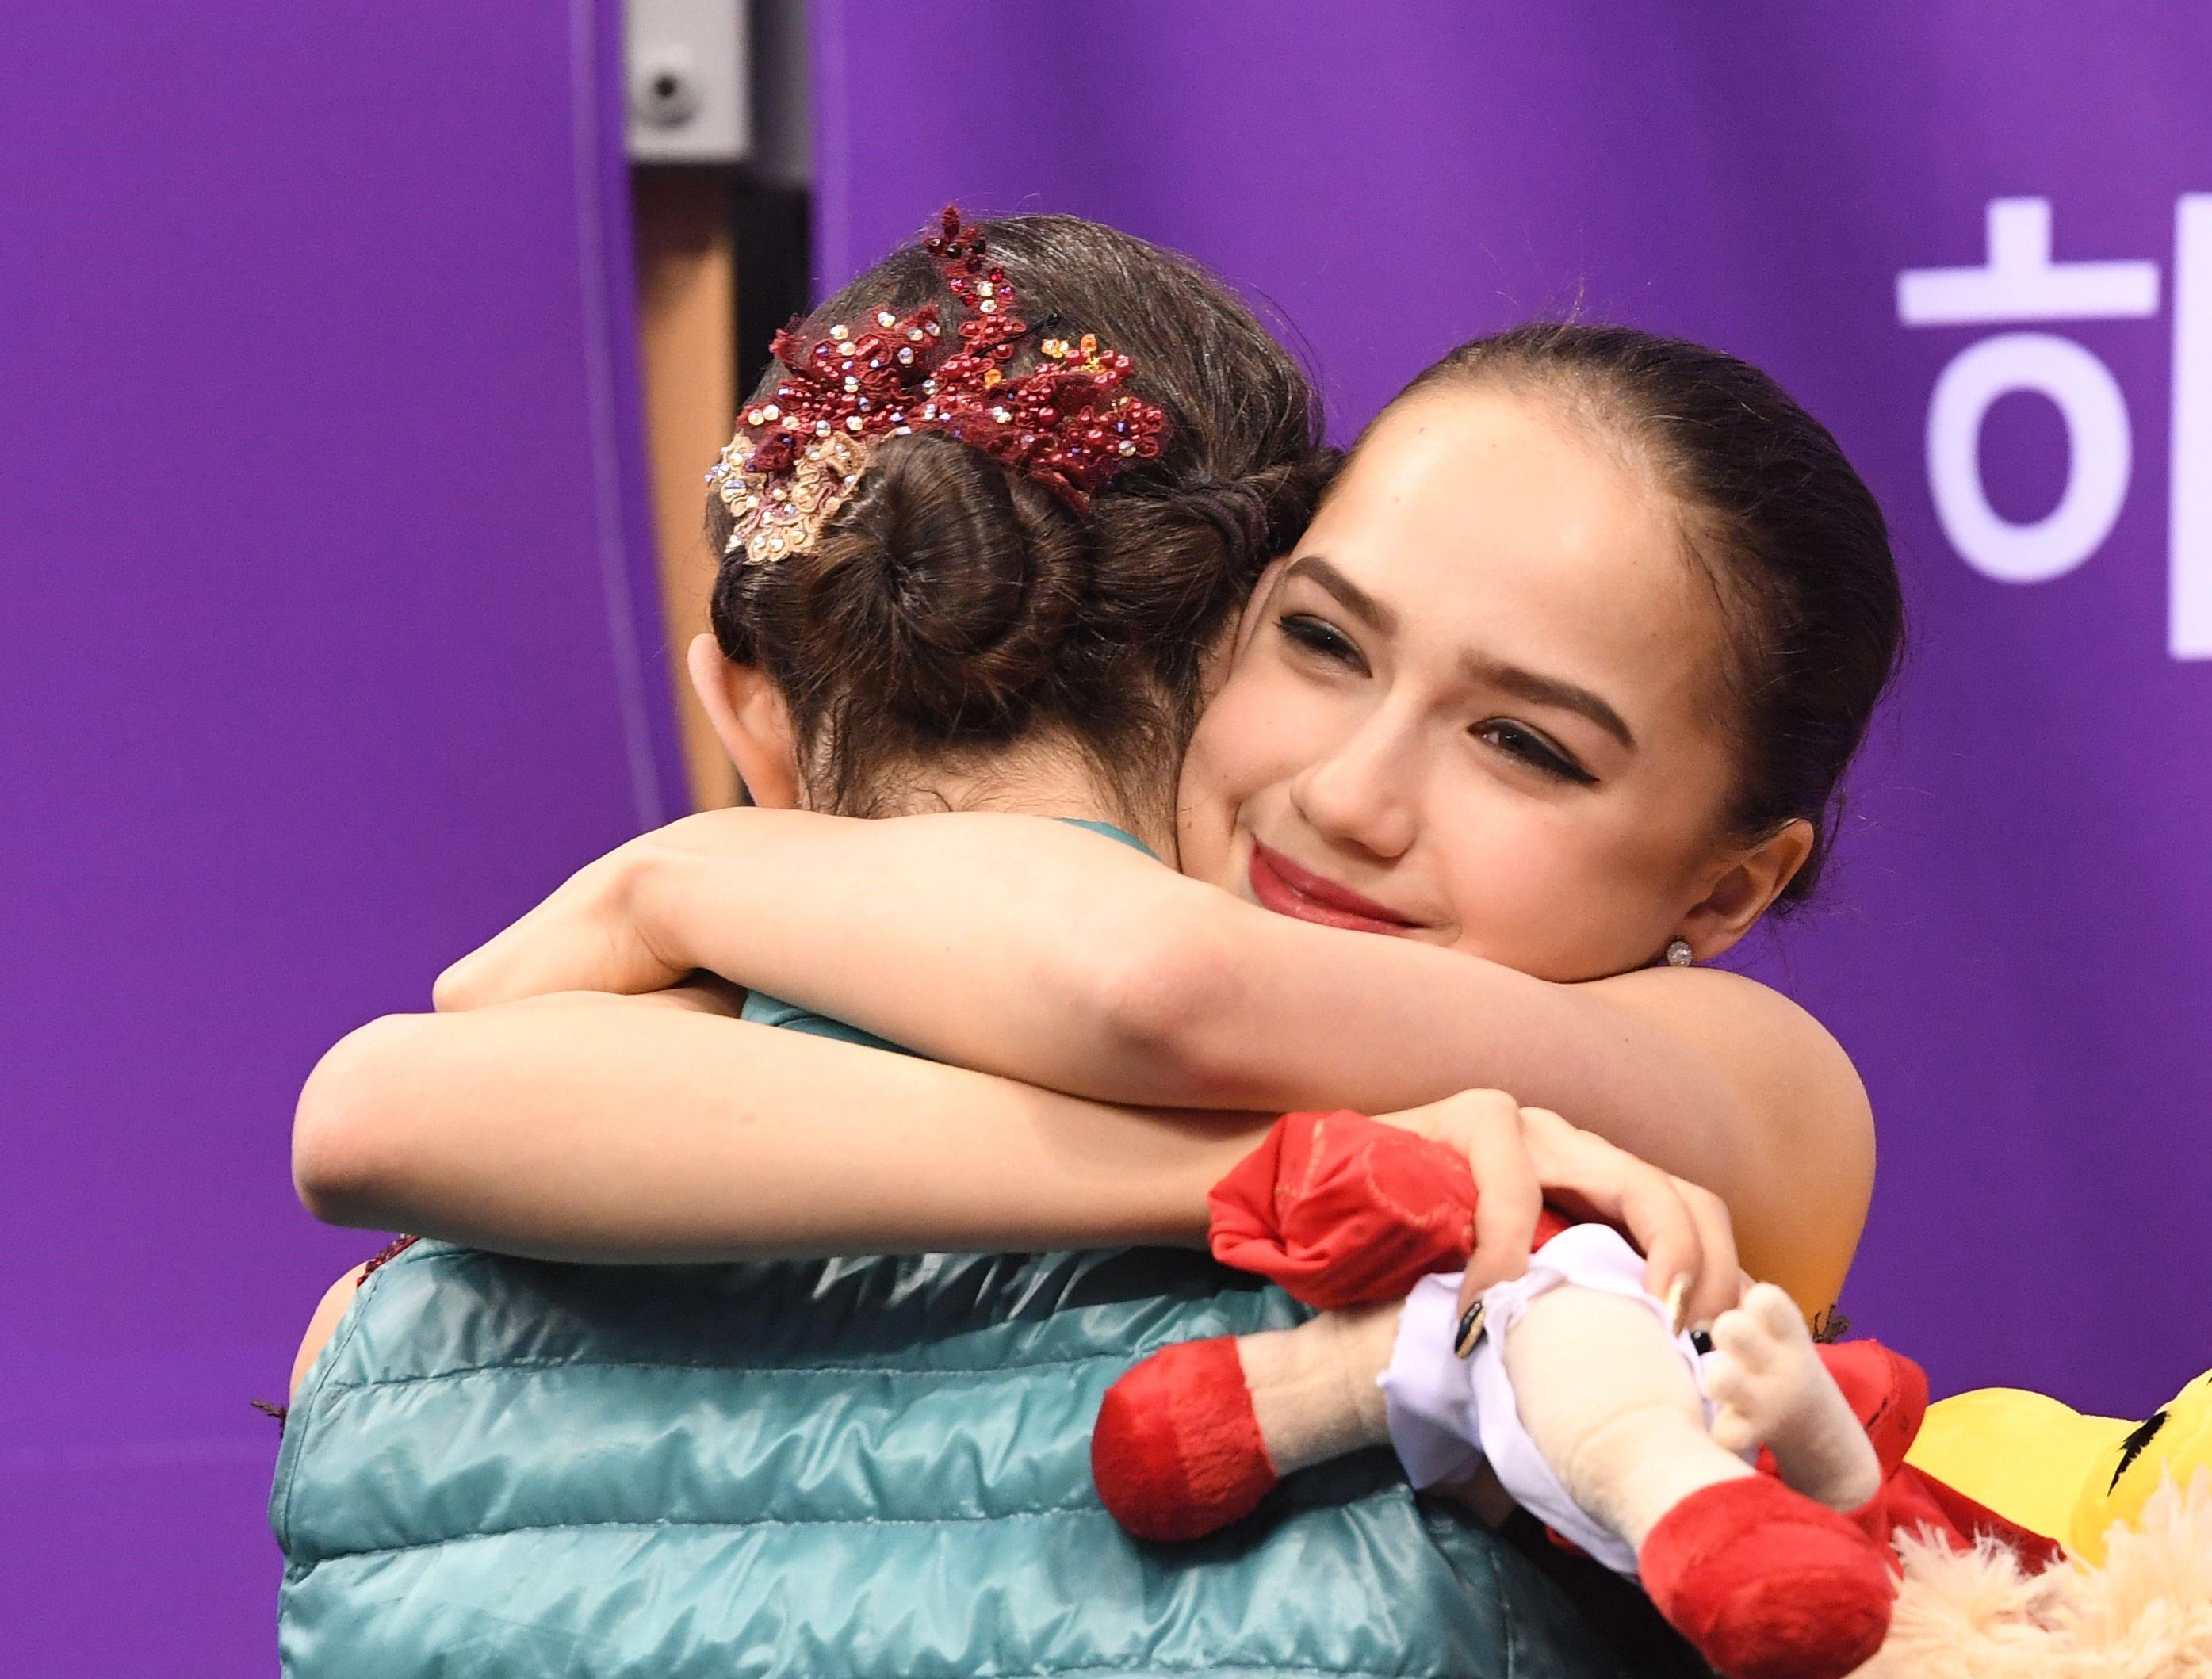 Алина Загитова, Евгения Медведева, Россия, Олимпиада-2018, Пхёнчхан